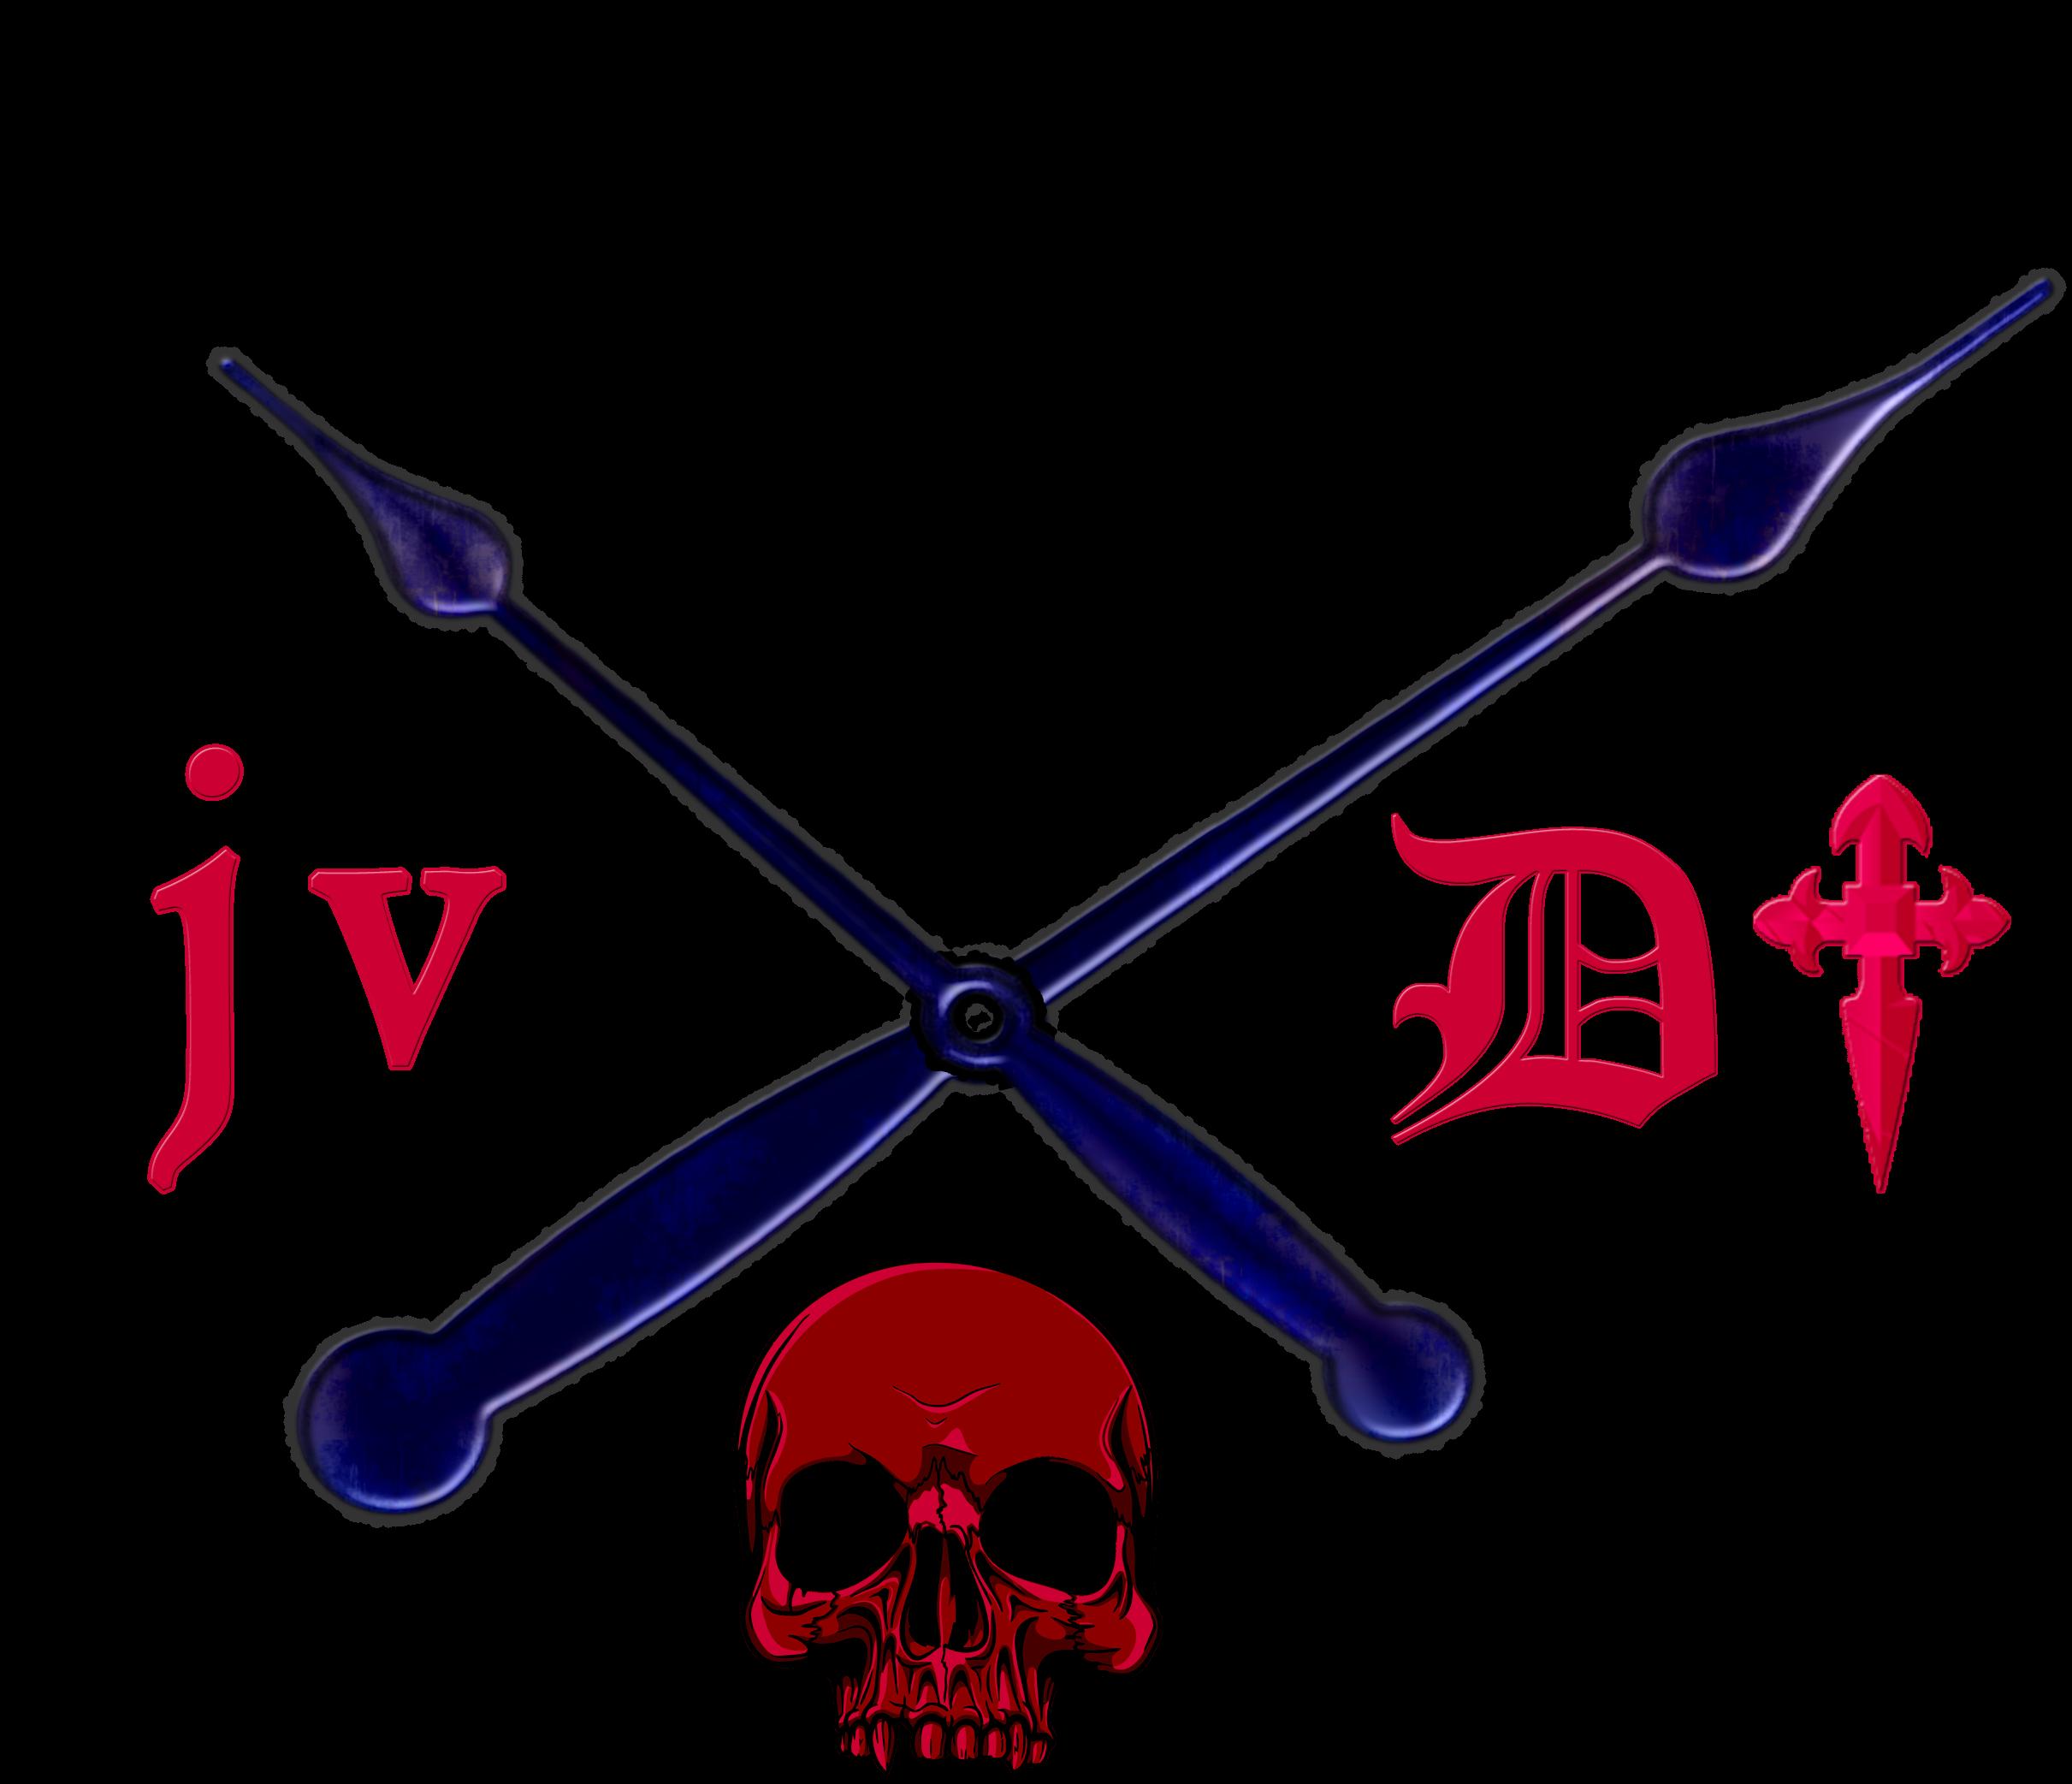 John Varvatos Dark Triumph Rolex Watch Logo